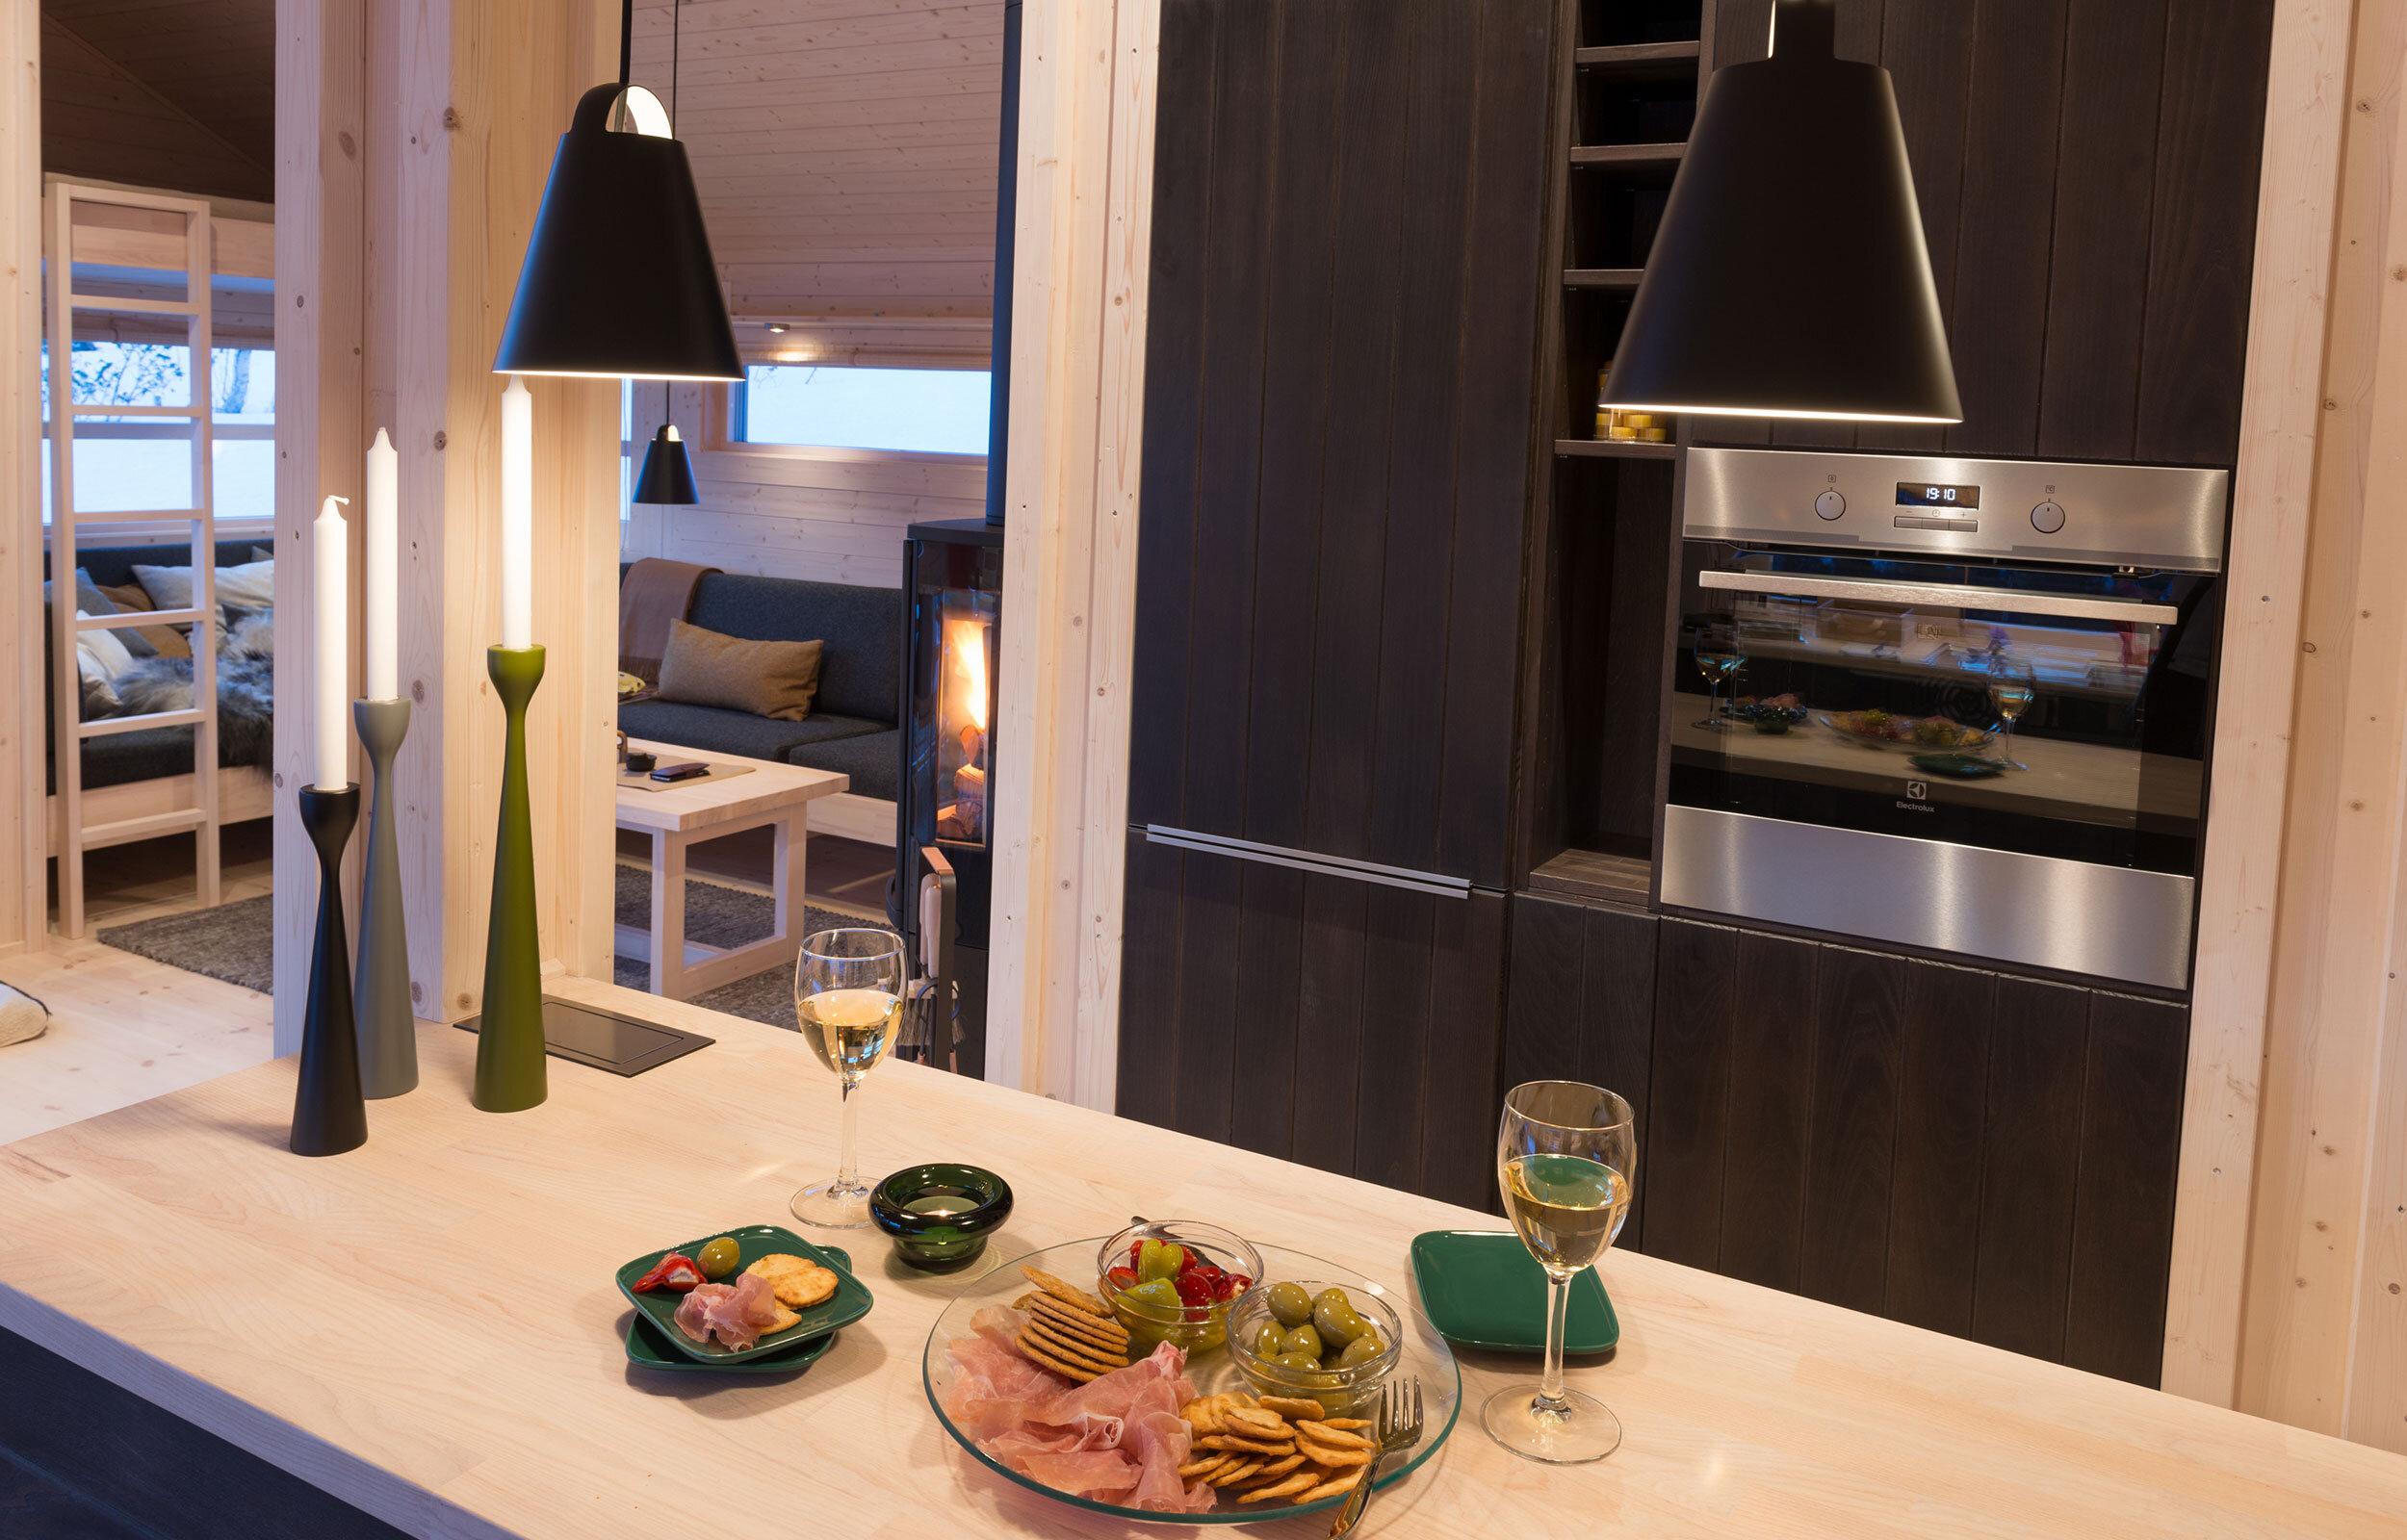 Tapas-på-kjøkkenøy_SVA9652.jpg